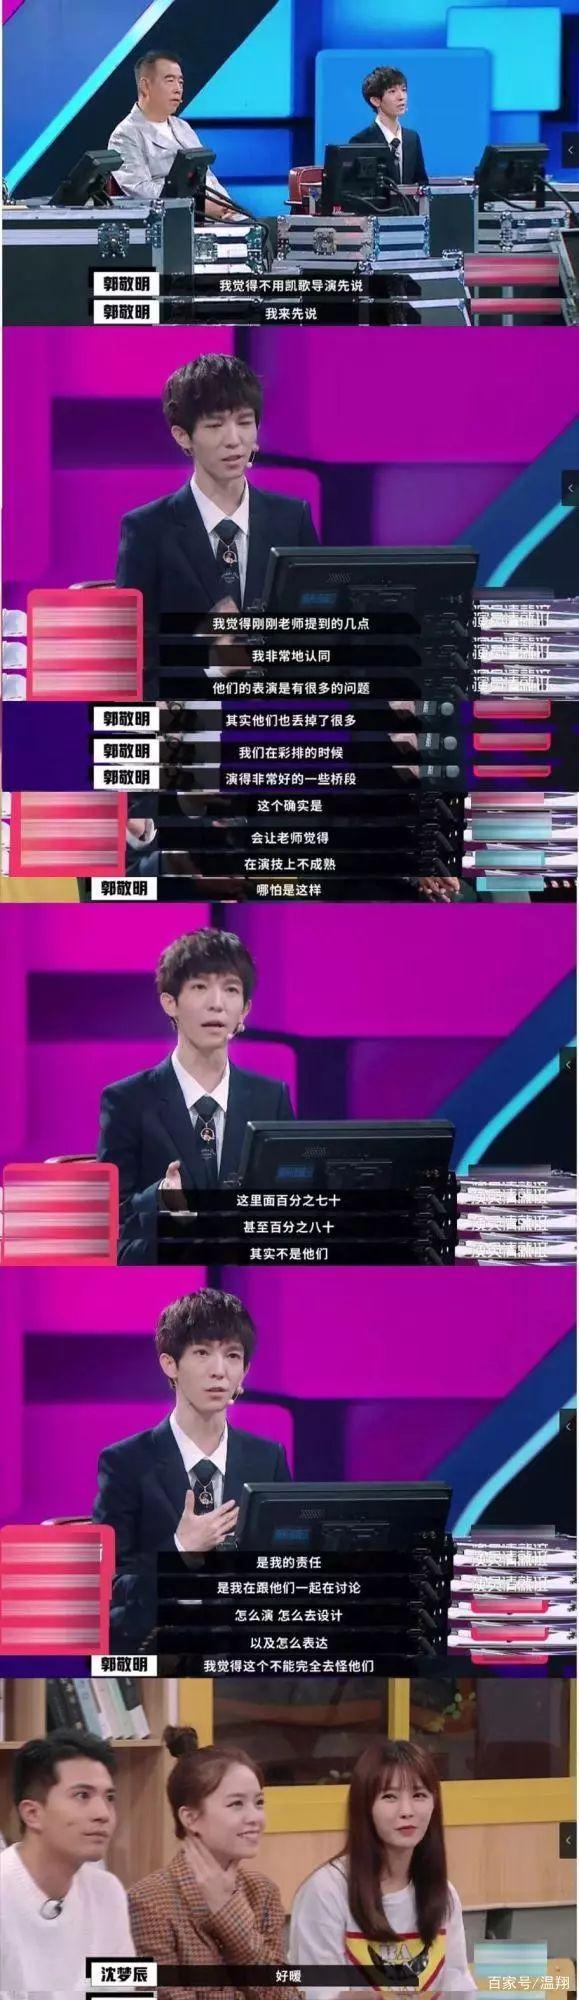 中国女作家登上诺奖赔率榜排名超村上春树,你读过她作品吗?